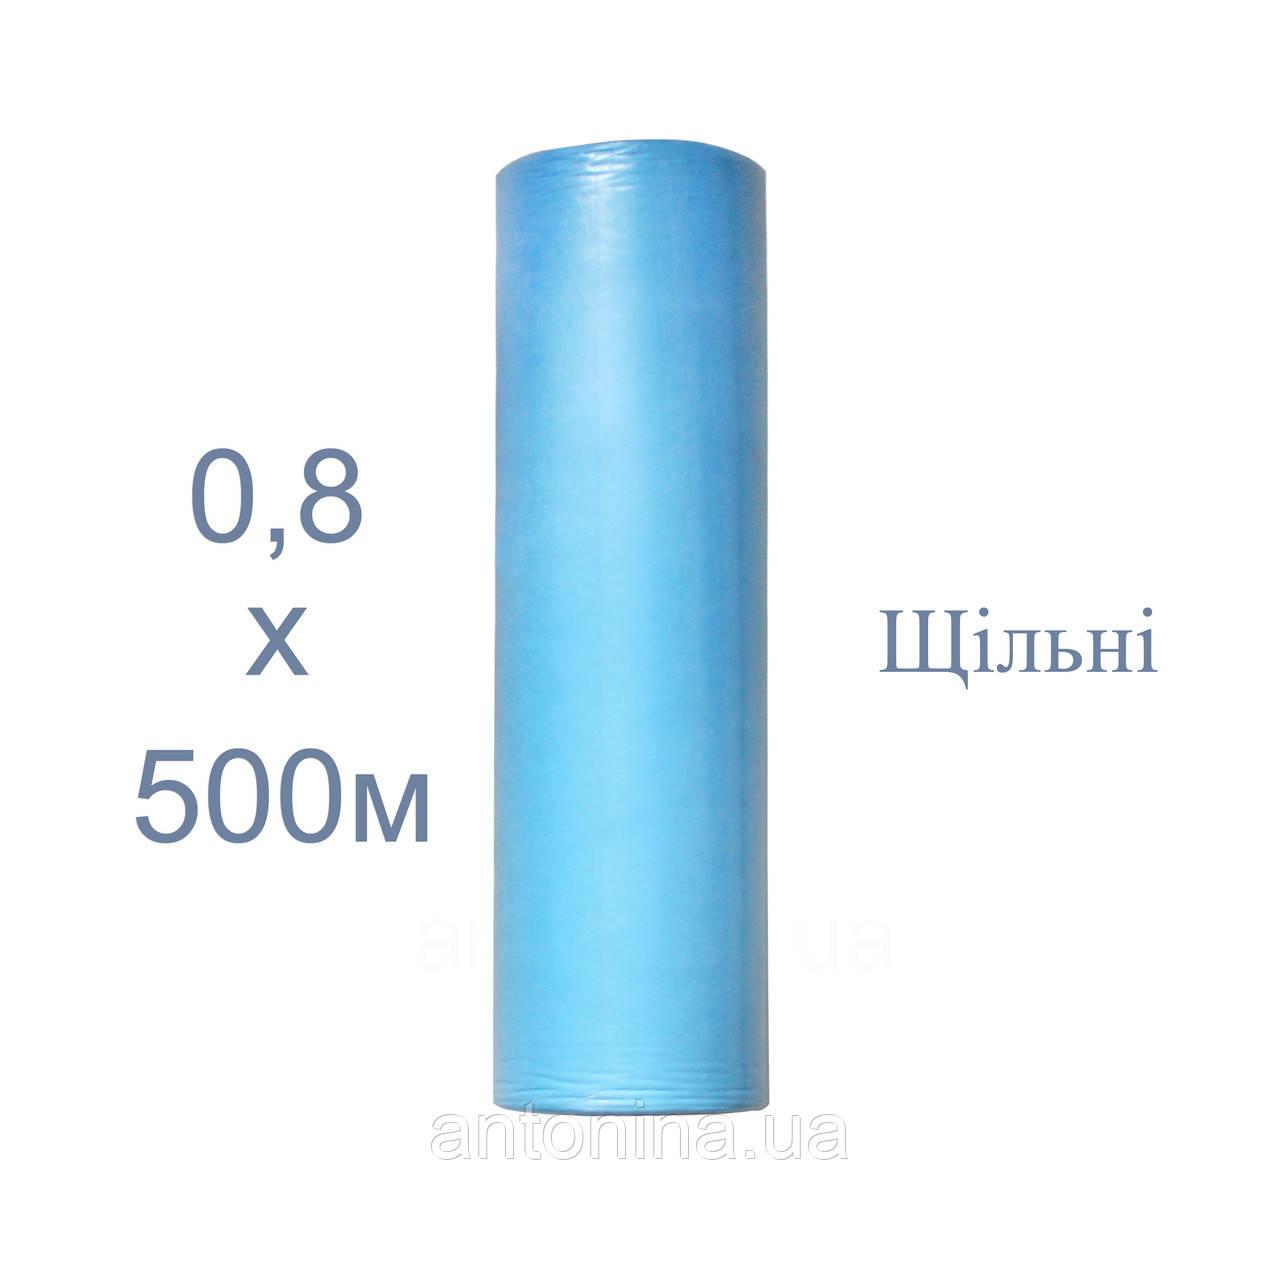 """Одноразові простирадла блакитні 0,8х500м щільні ТМ """"Антоніна"""", спанбонд"""